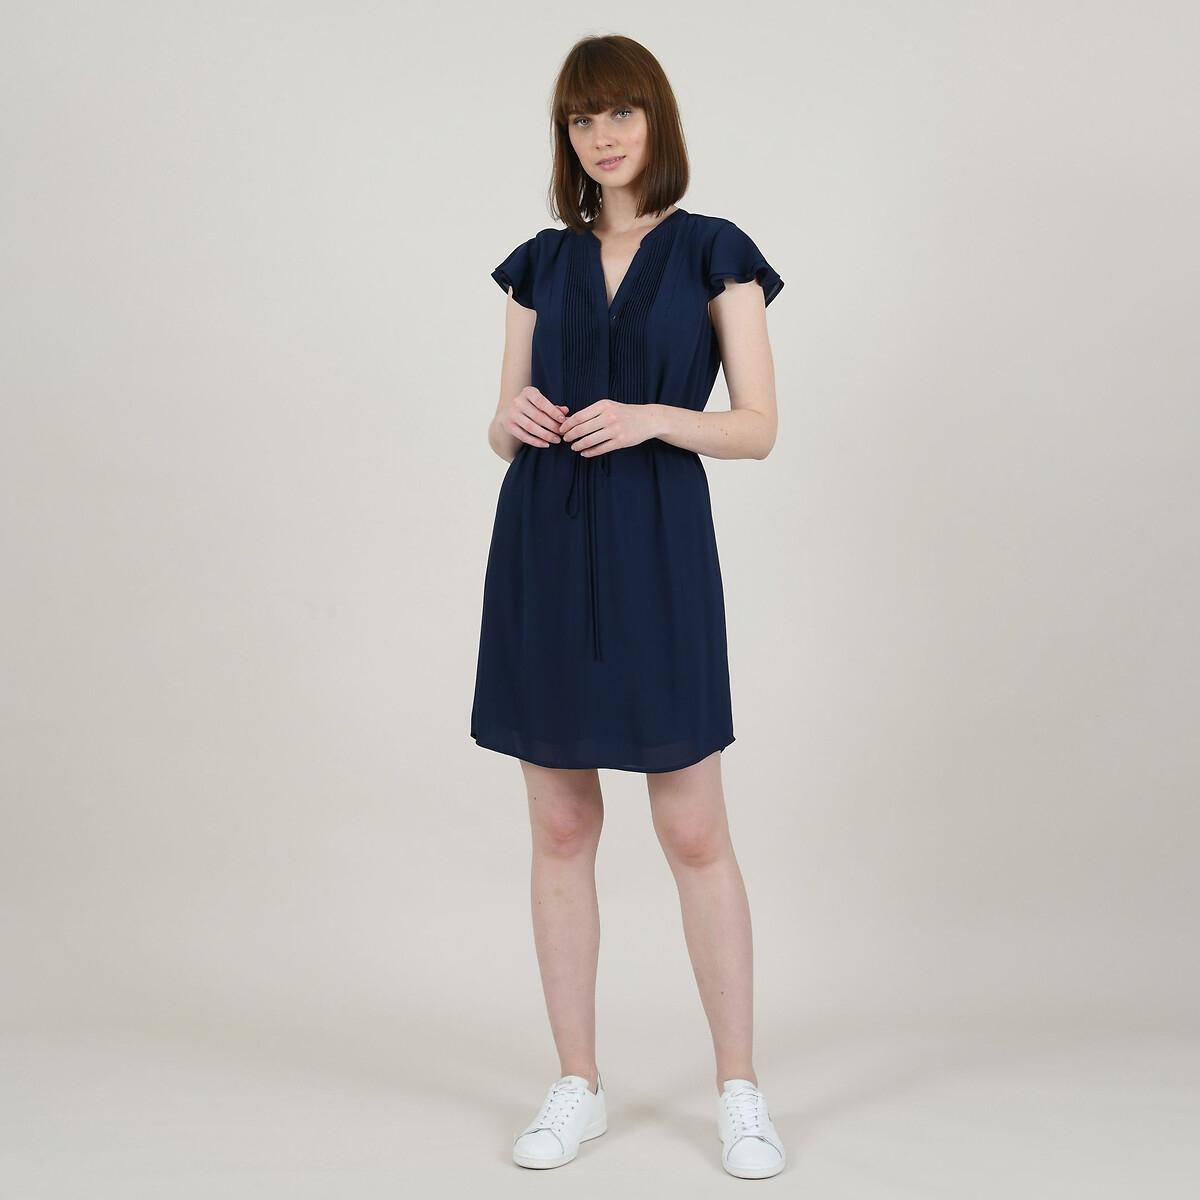 Платье La Redoute Короткое с бантом на поясе и воланами XS синий